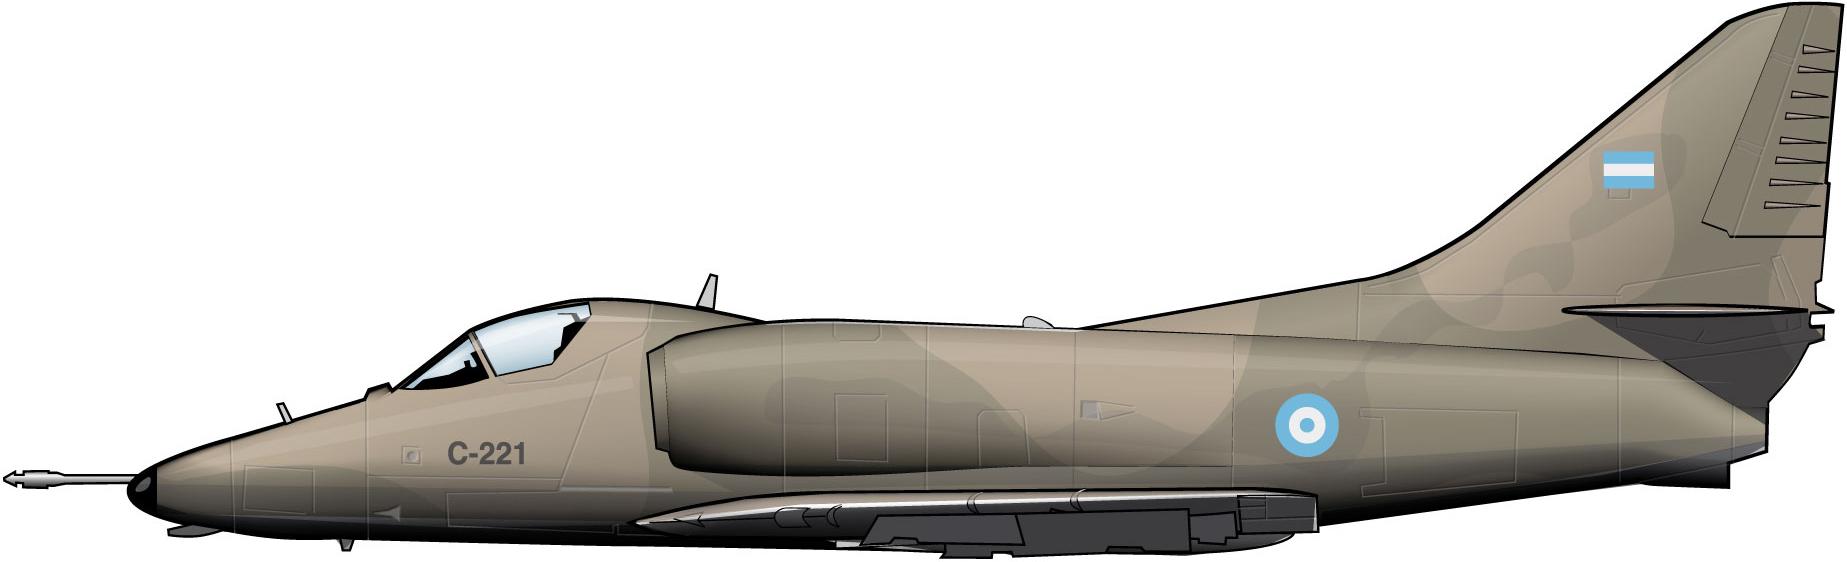 douglasskyhawkfaargentina1975